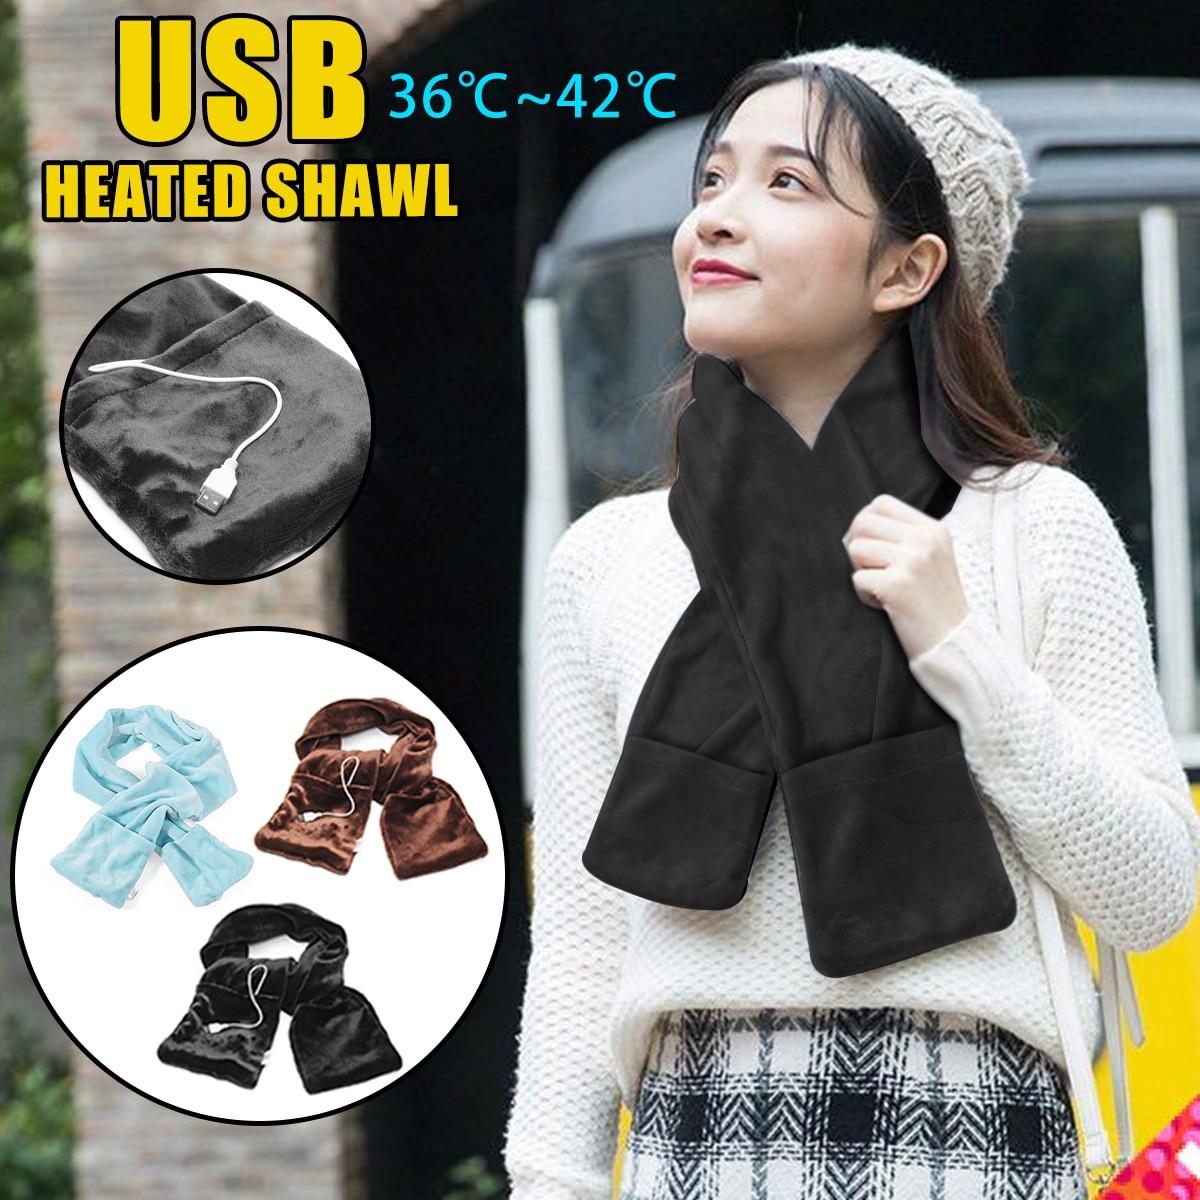 Elektrische Beheizte Schal Mobile Heizung Schal Winter Erwärmung Hals Hand Tragbare USB Powered Weiche Ourdoor Innen Auto Hause 18x148 cm